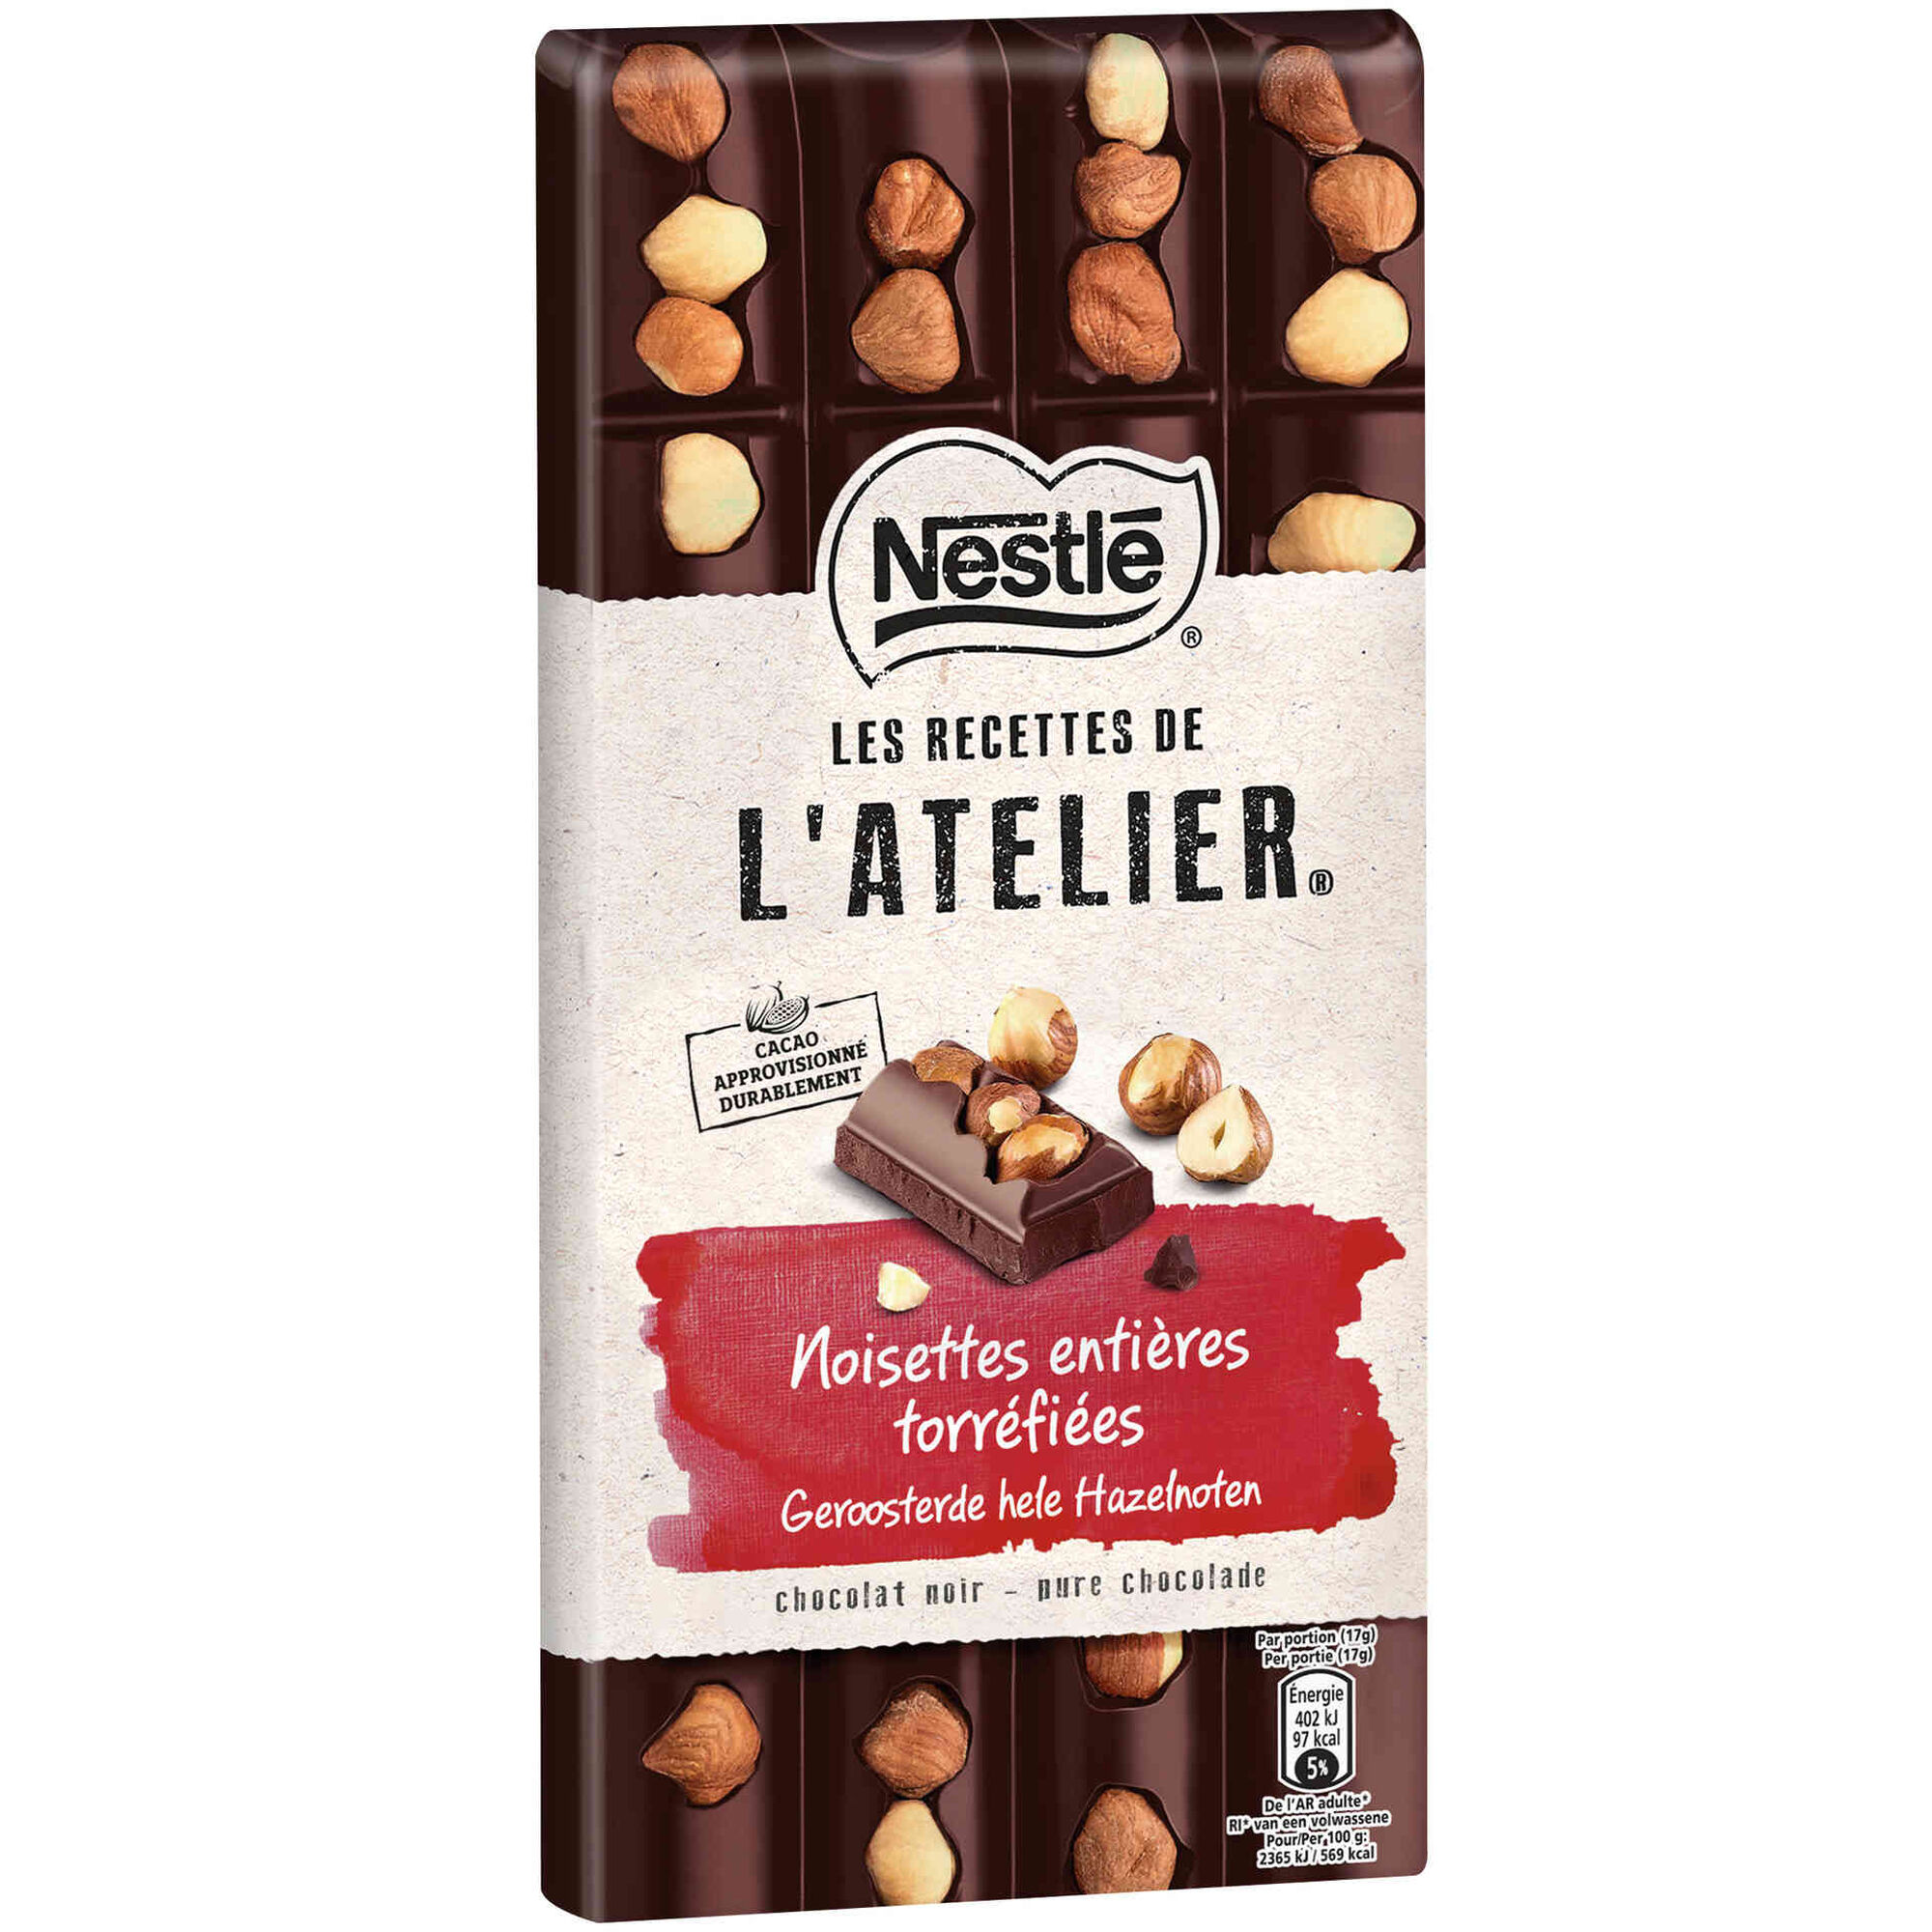 Tablete de Chocolate Negro com Avelã Les Recettes de L'Atelier